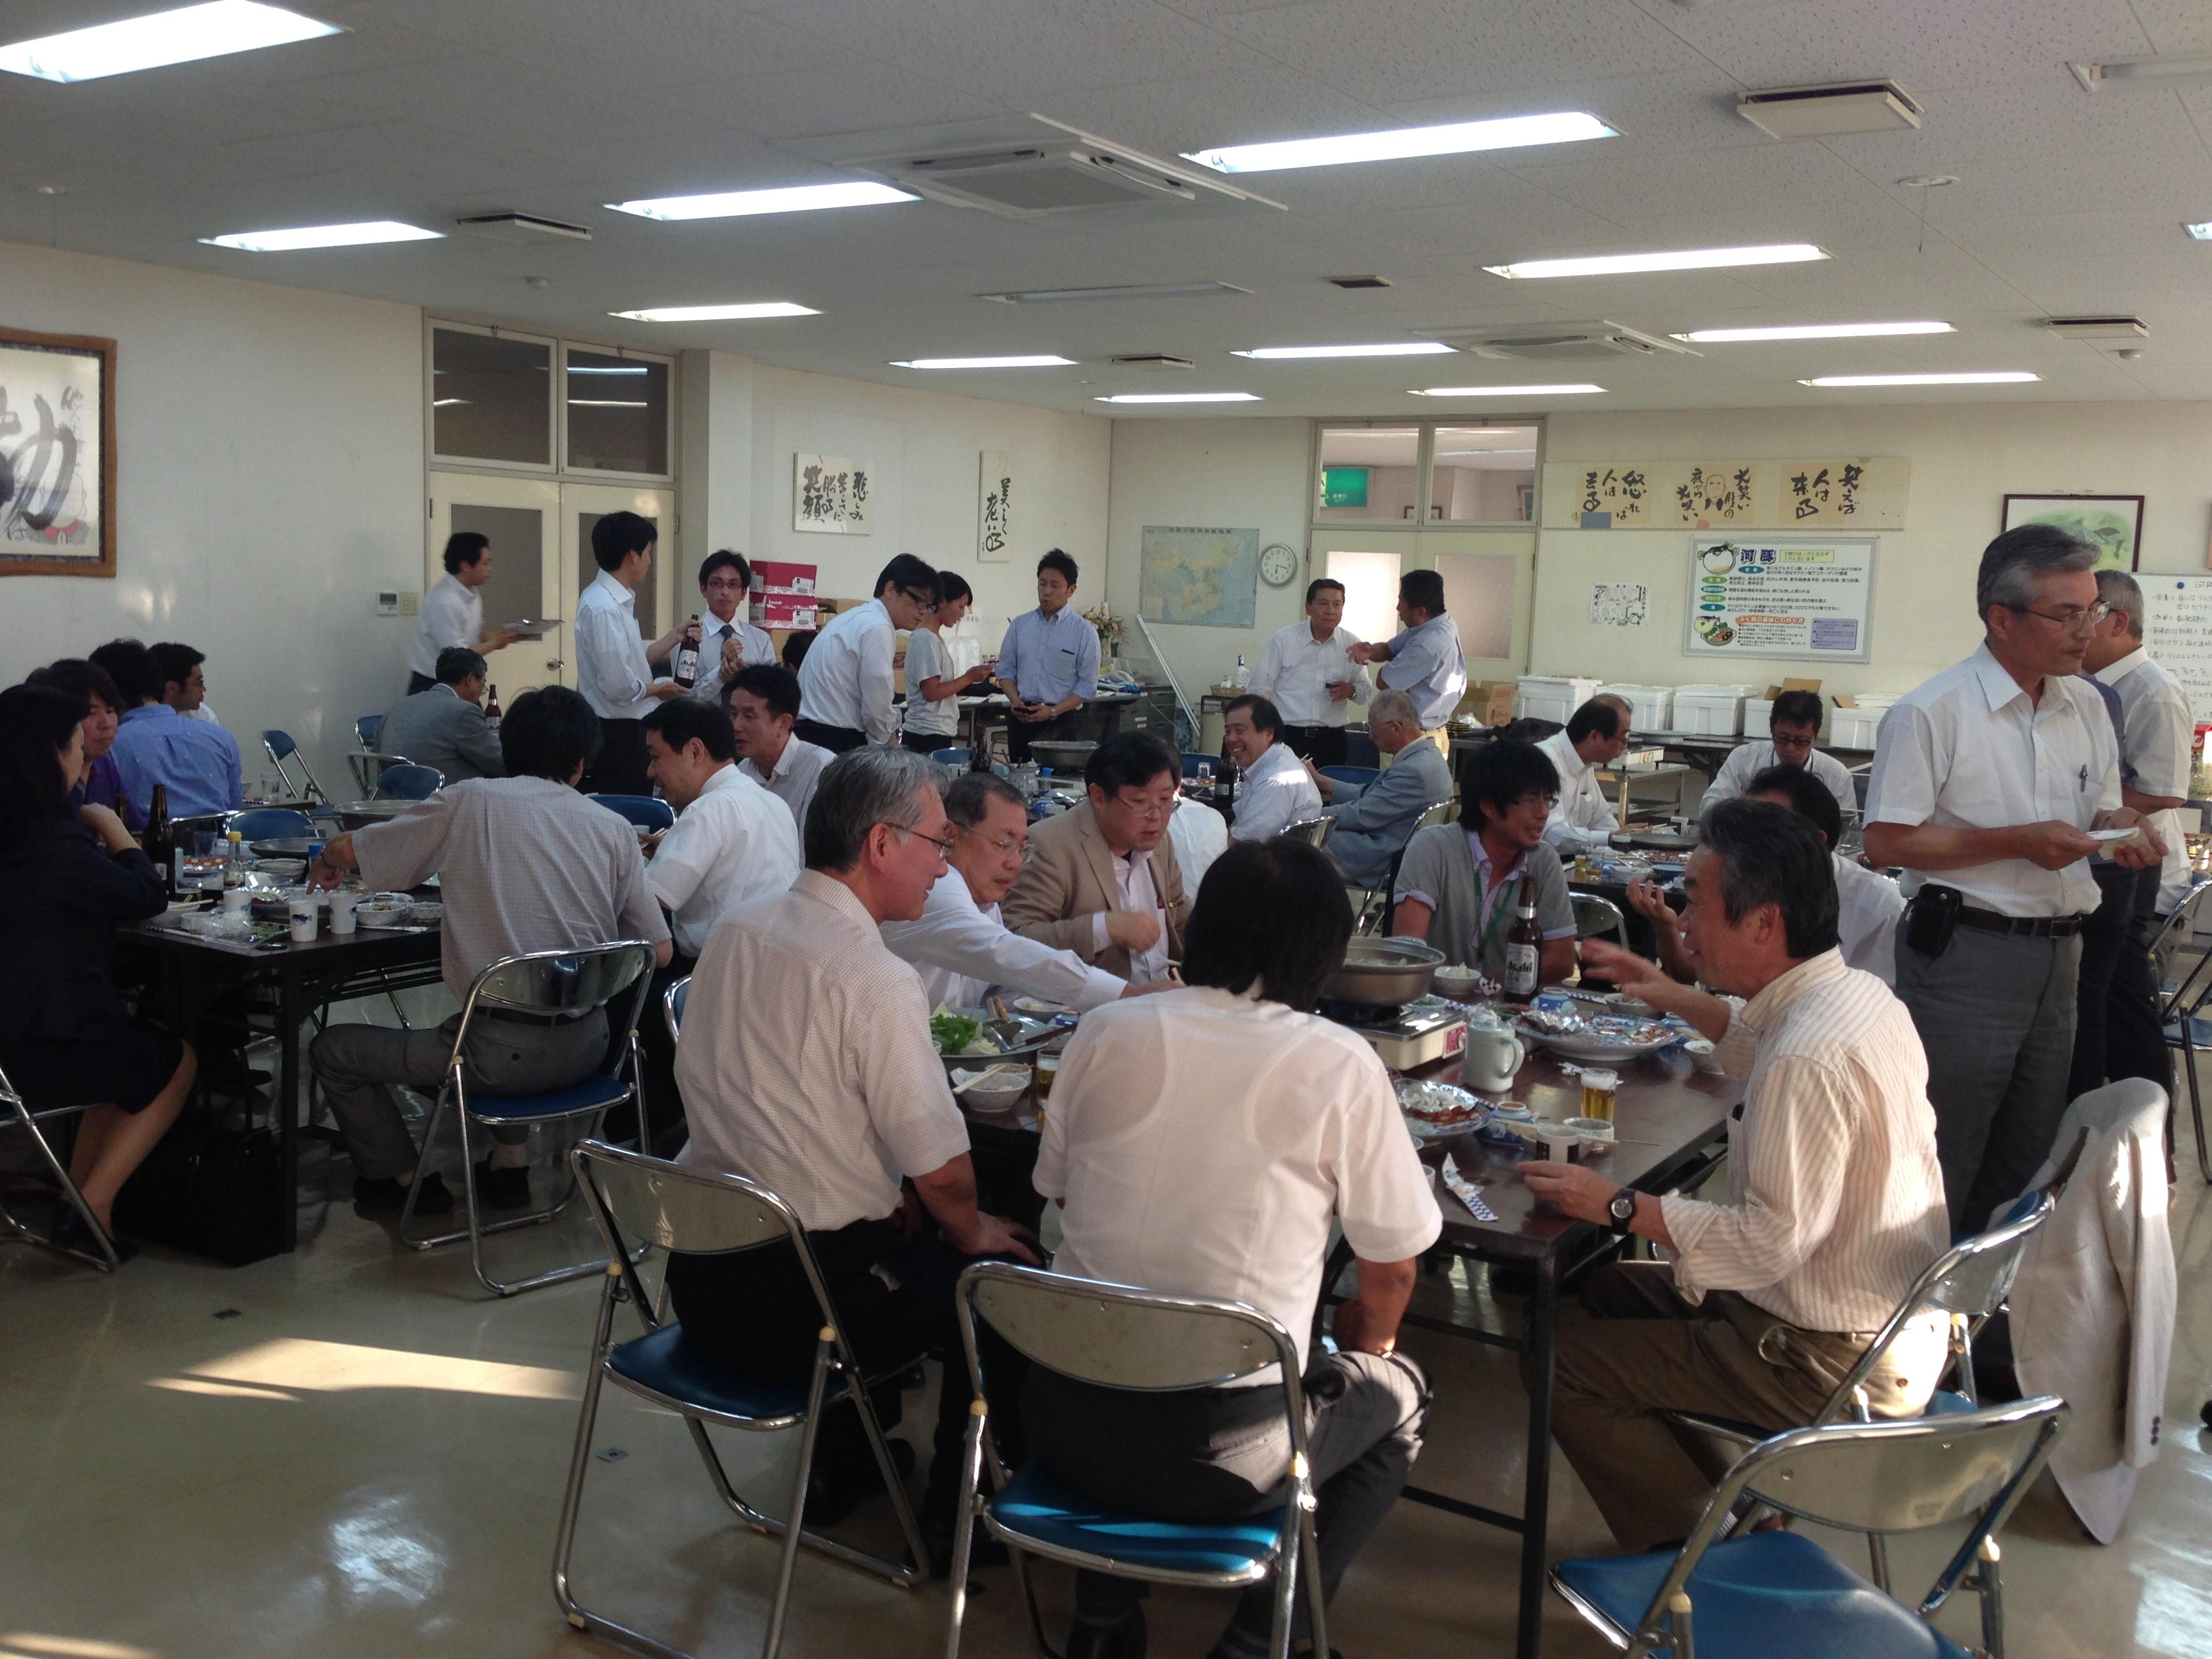 第24回西日本ふぐ研究会の画像1